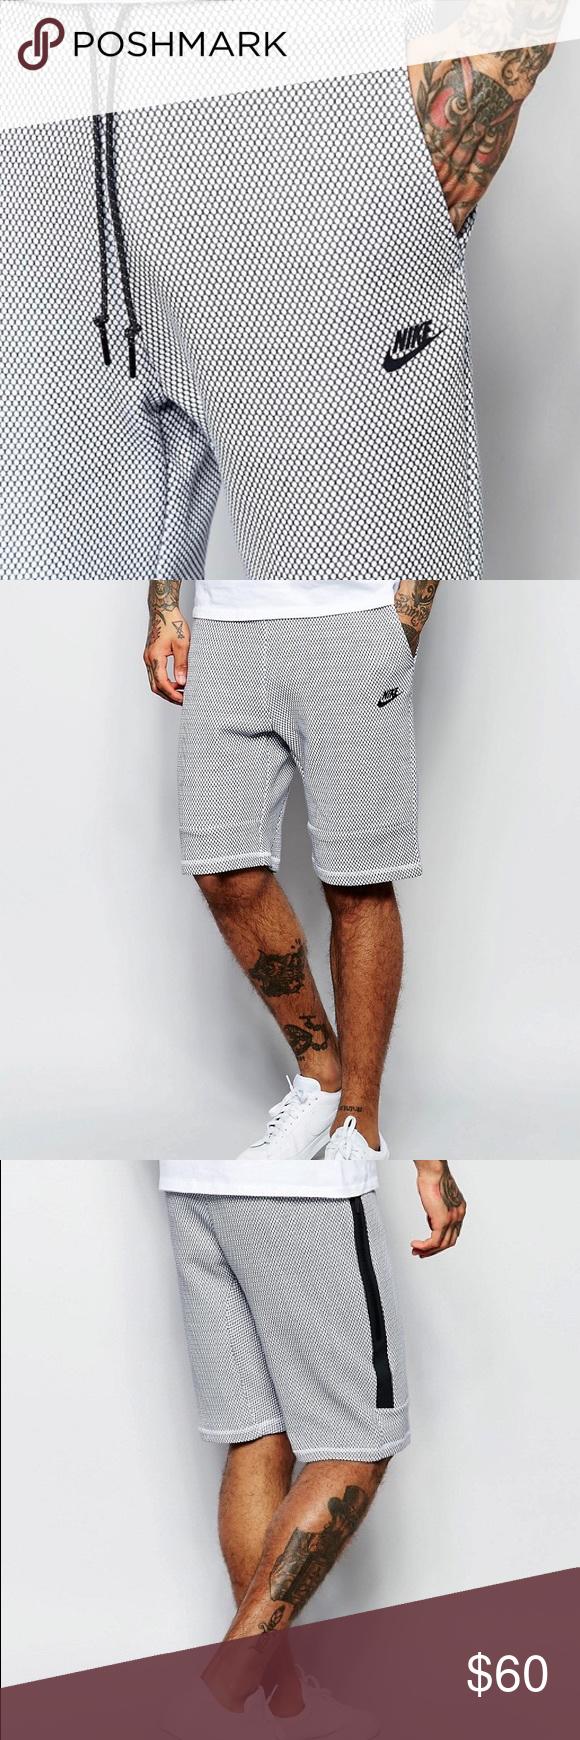 Men's Nike Tech Fleece White/Black Shorts Size S NWT